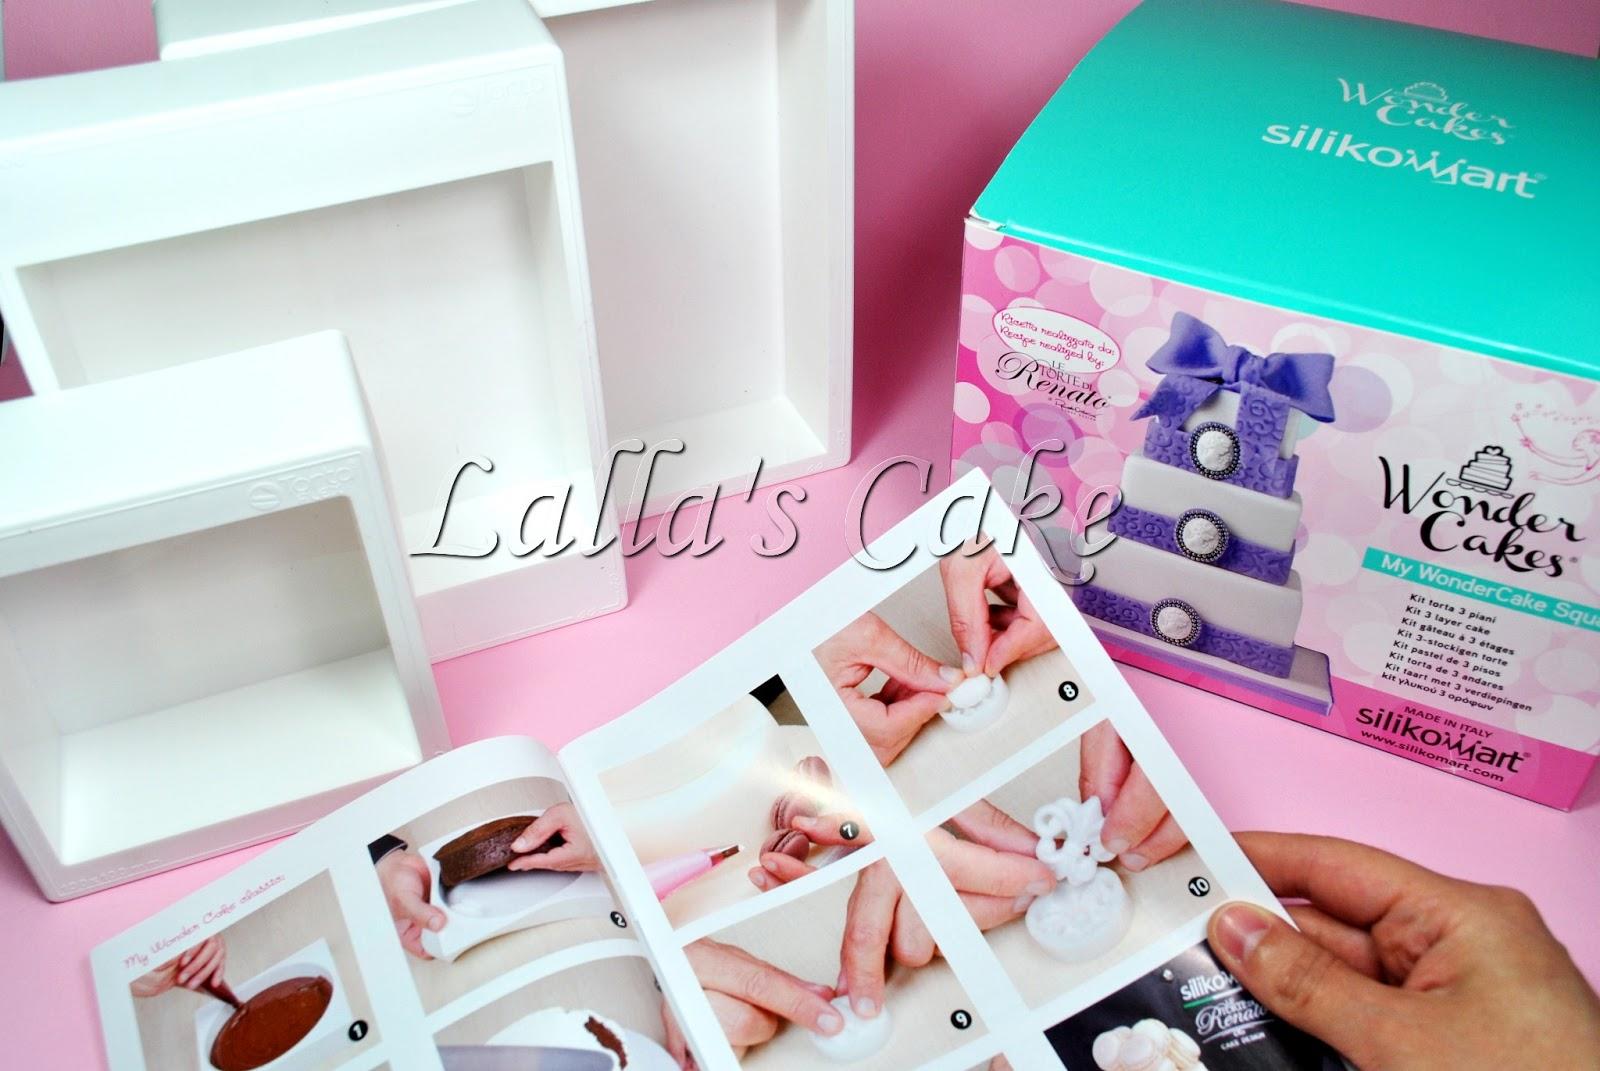 Renato Cake Design Ricetta Pasta Di Zucchero : Lalla s Cake - sugar art & cake design: Wonder Cakes by ...